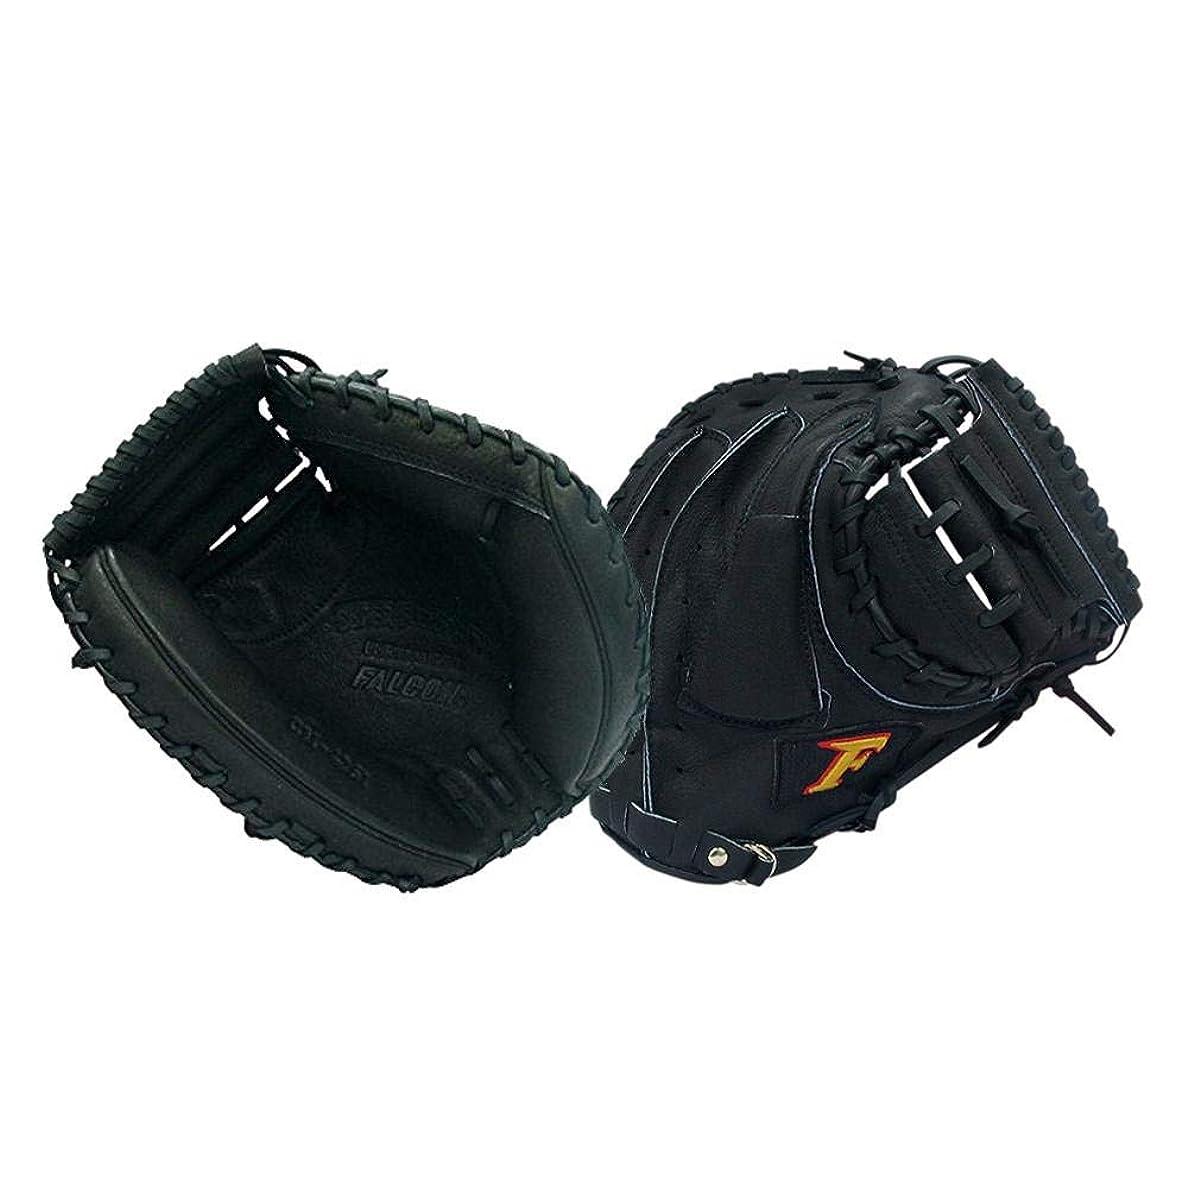 穿孔する王位ループ『親指革命』が捕球をサポート!! FALCON ファルコン 野球グラブ グローブ 軟式一般 捕手用 キャッチャーミット ブラック CM-4261 〈簡易梱包